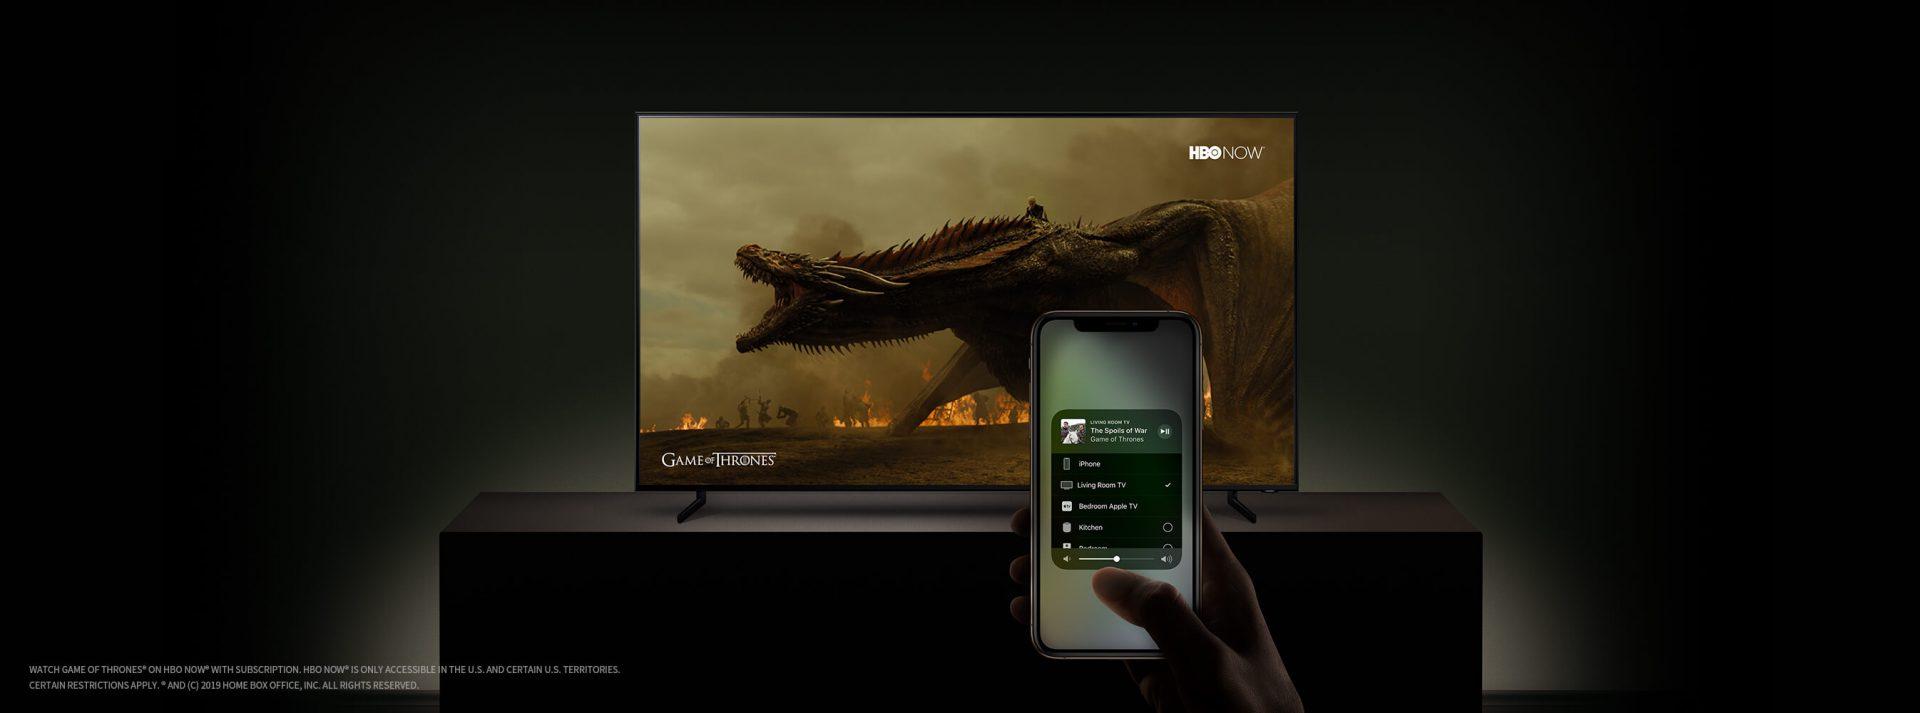 Samsung TV Airplay - CES 2019: TVs da Sony e LG também terão suporte ao Apple AirPlay 2